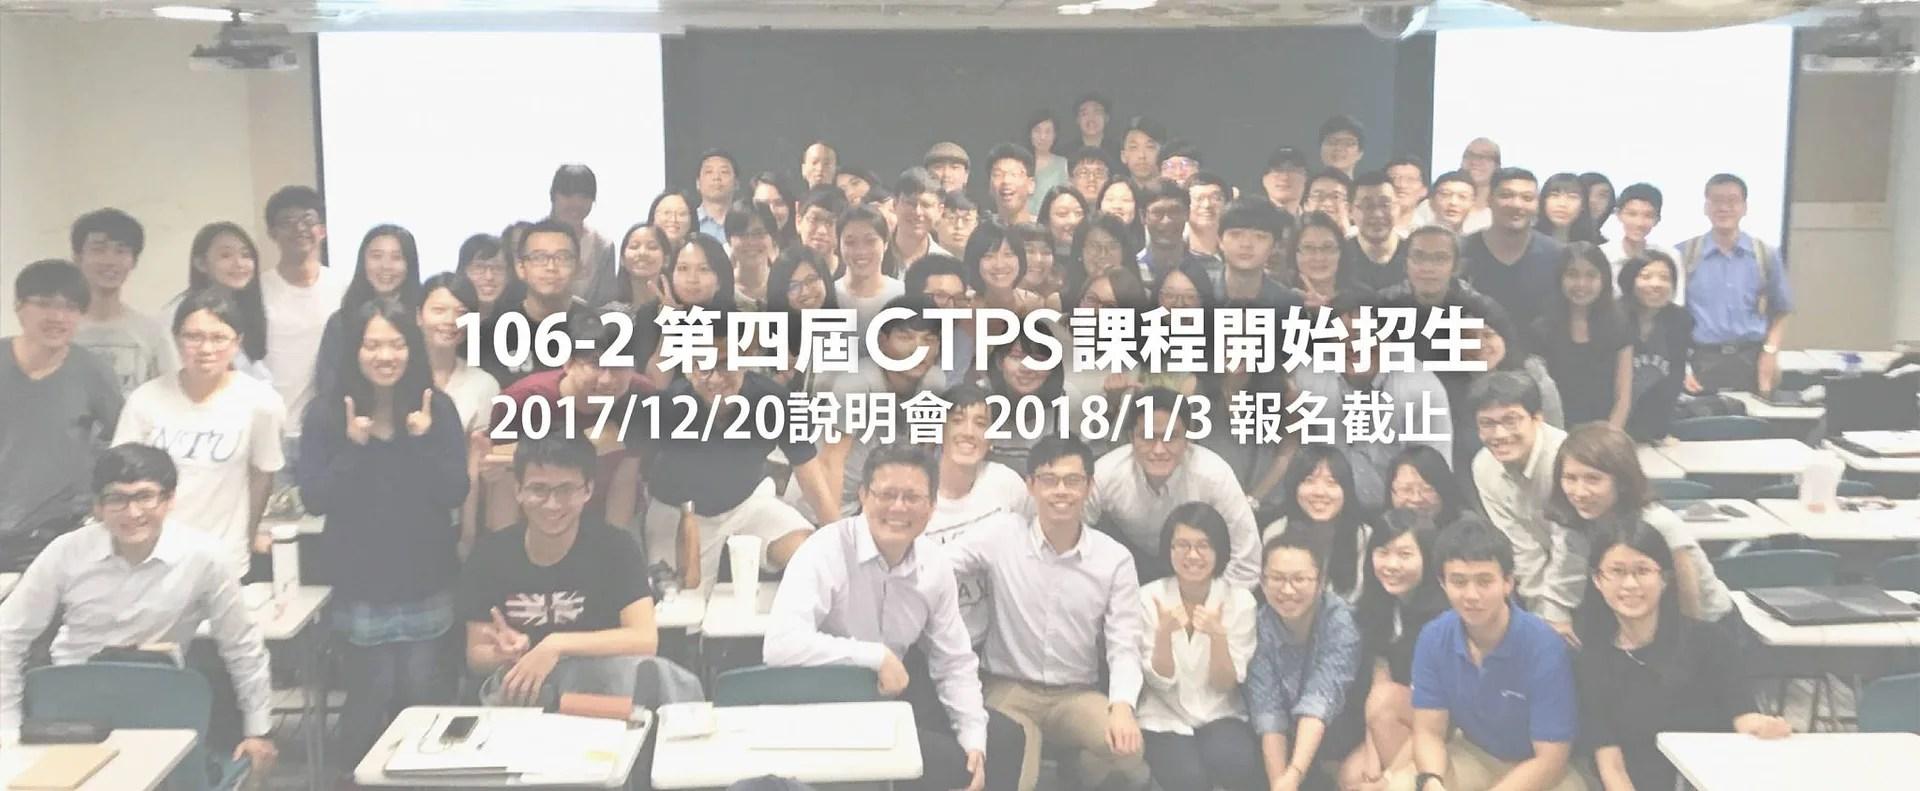 106-2 解決問理論與實務 課程資訊 | 臺大領導學程